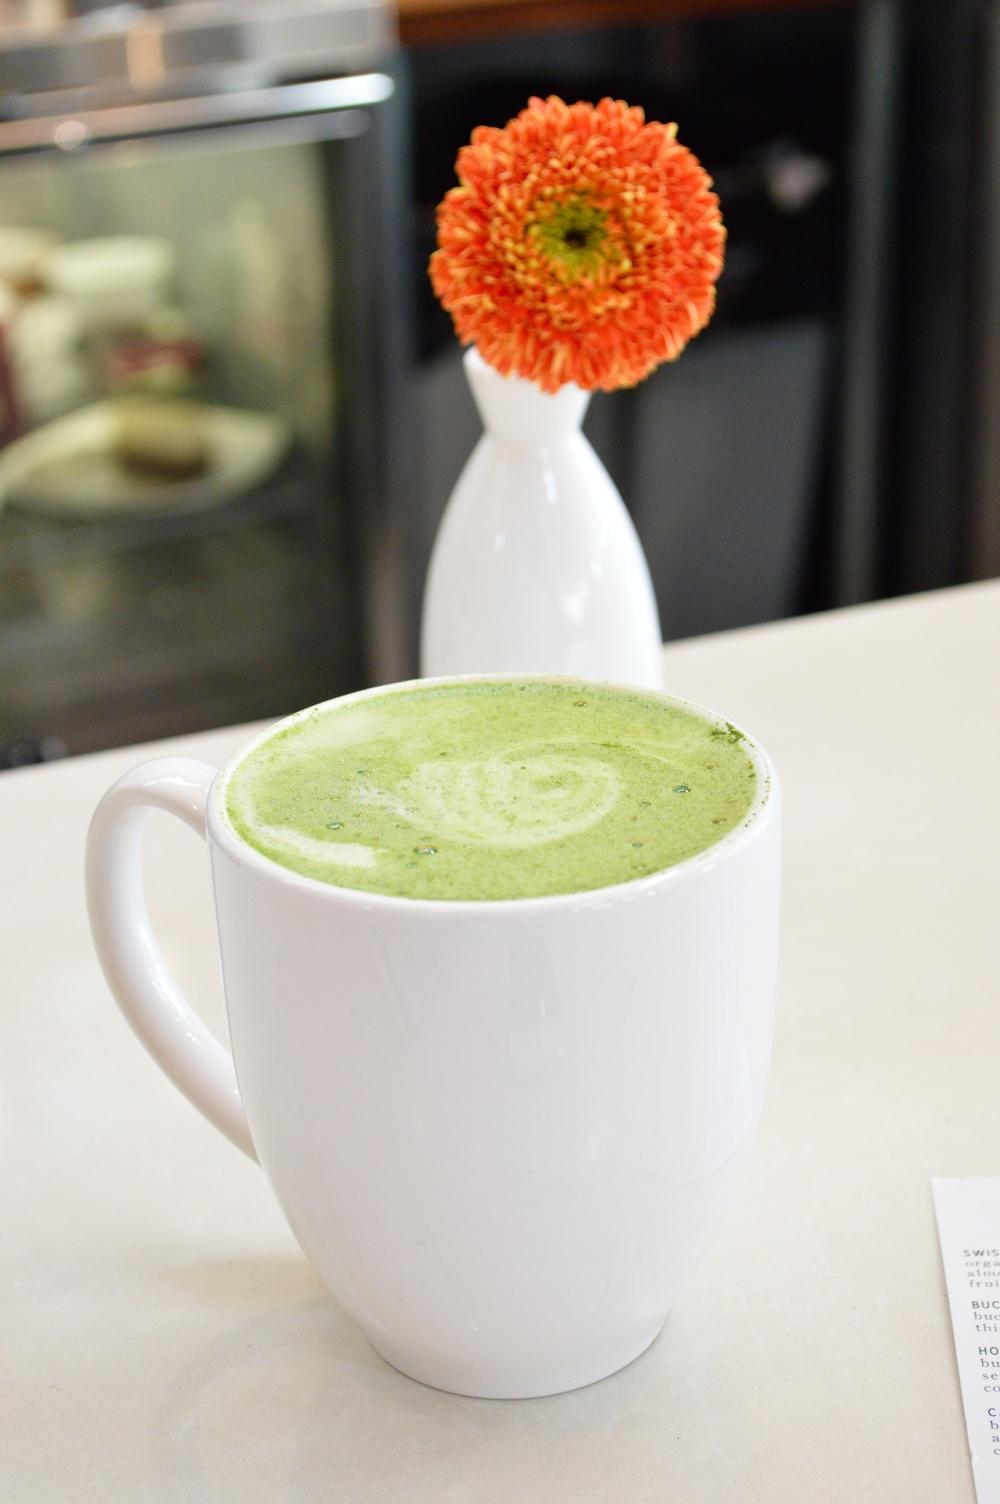 LaurenSchwaiger-Blog-LunasLivingKitchen-Matcha-Tea-Latte.jpg